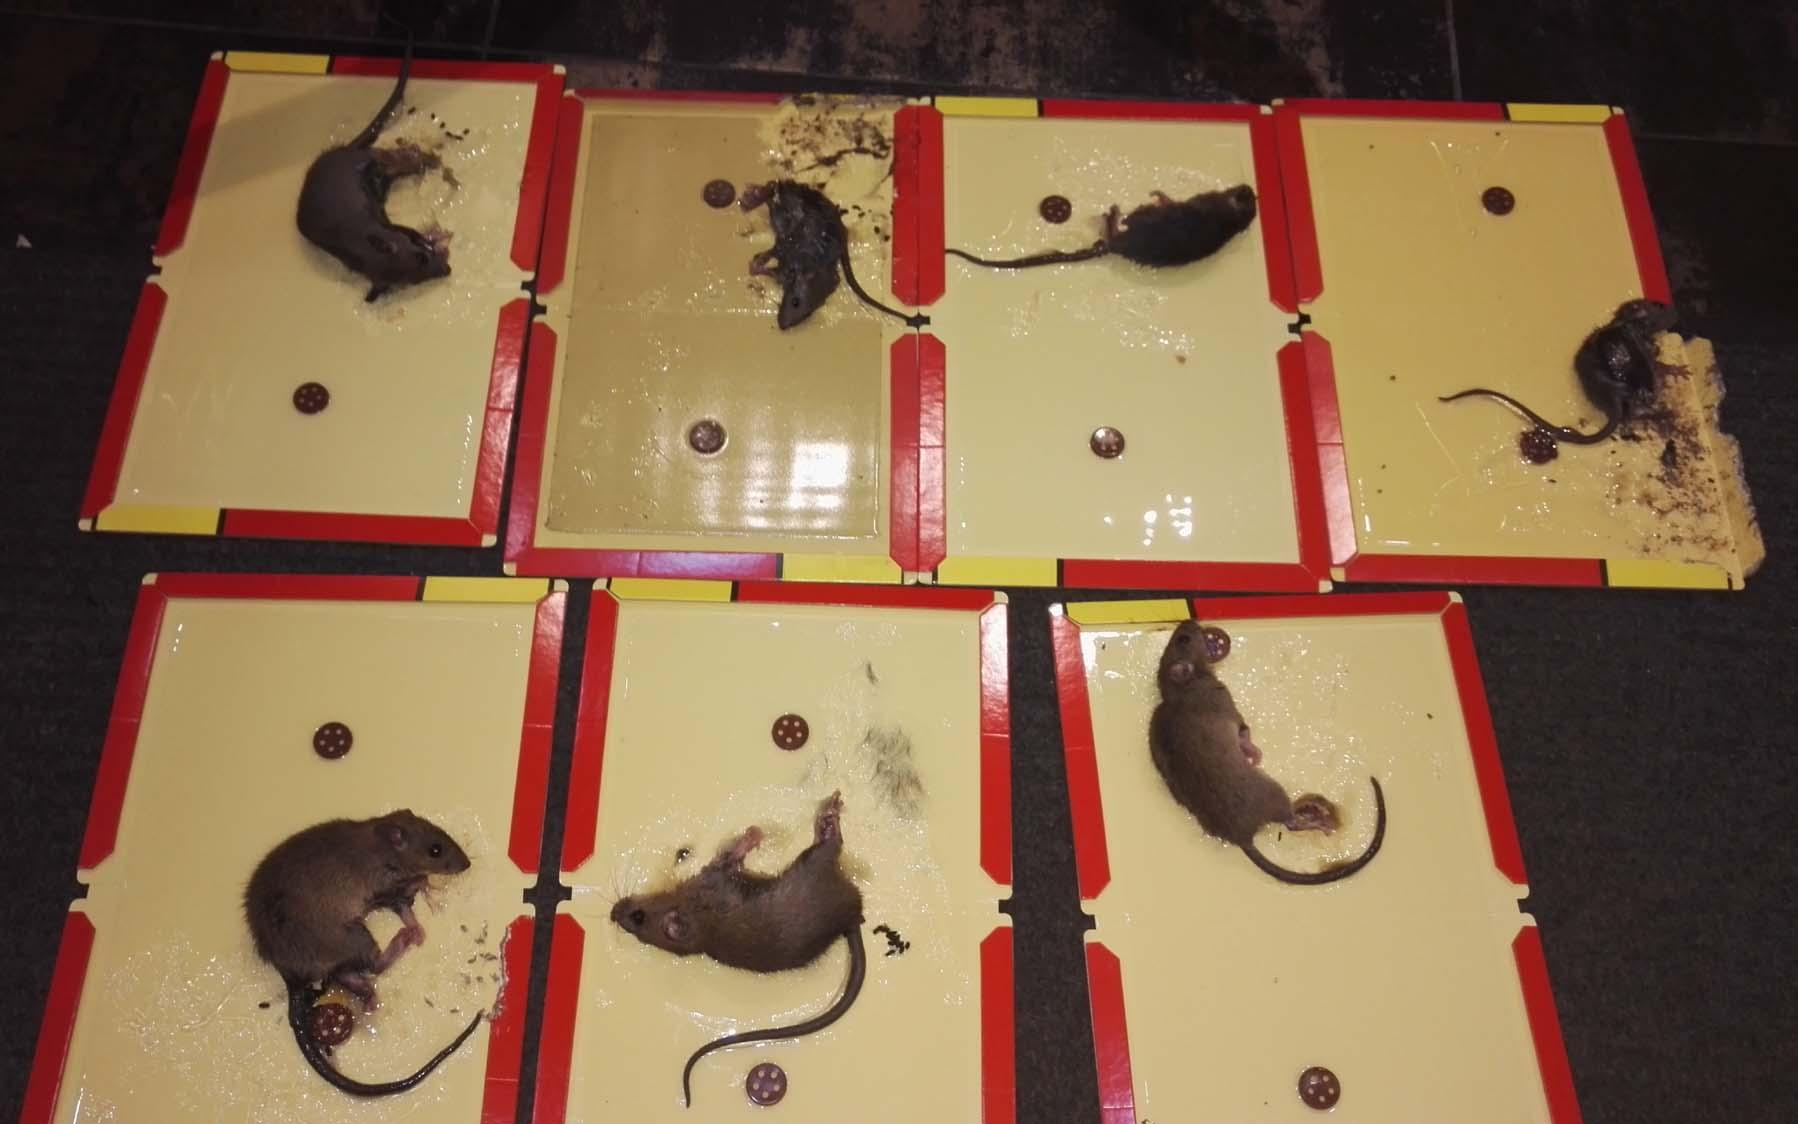 殺蟲公司的捕鼠方法 科學滅鼠 老鼠聰明狡猾 丹陽清源滅鼠公司